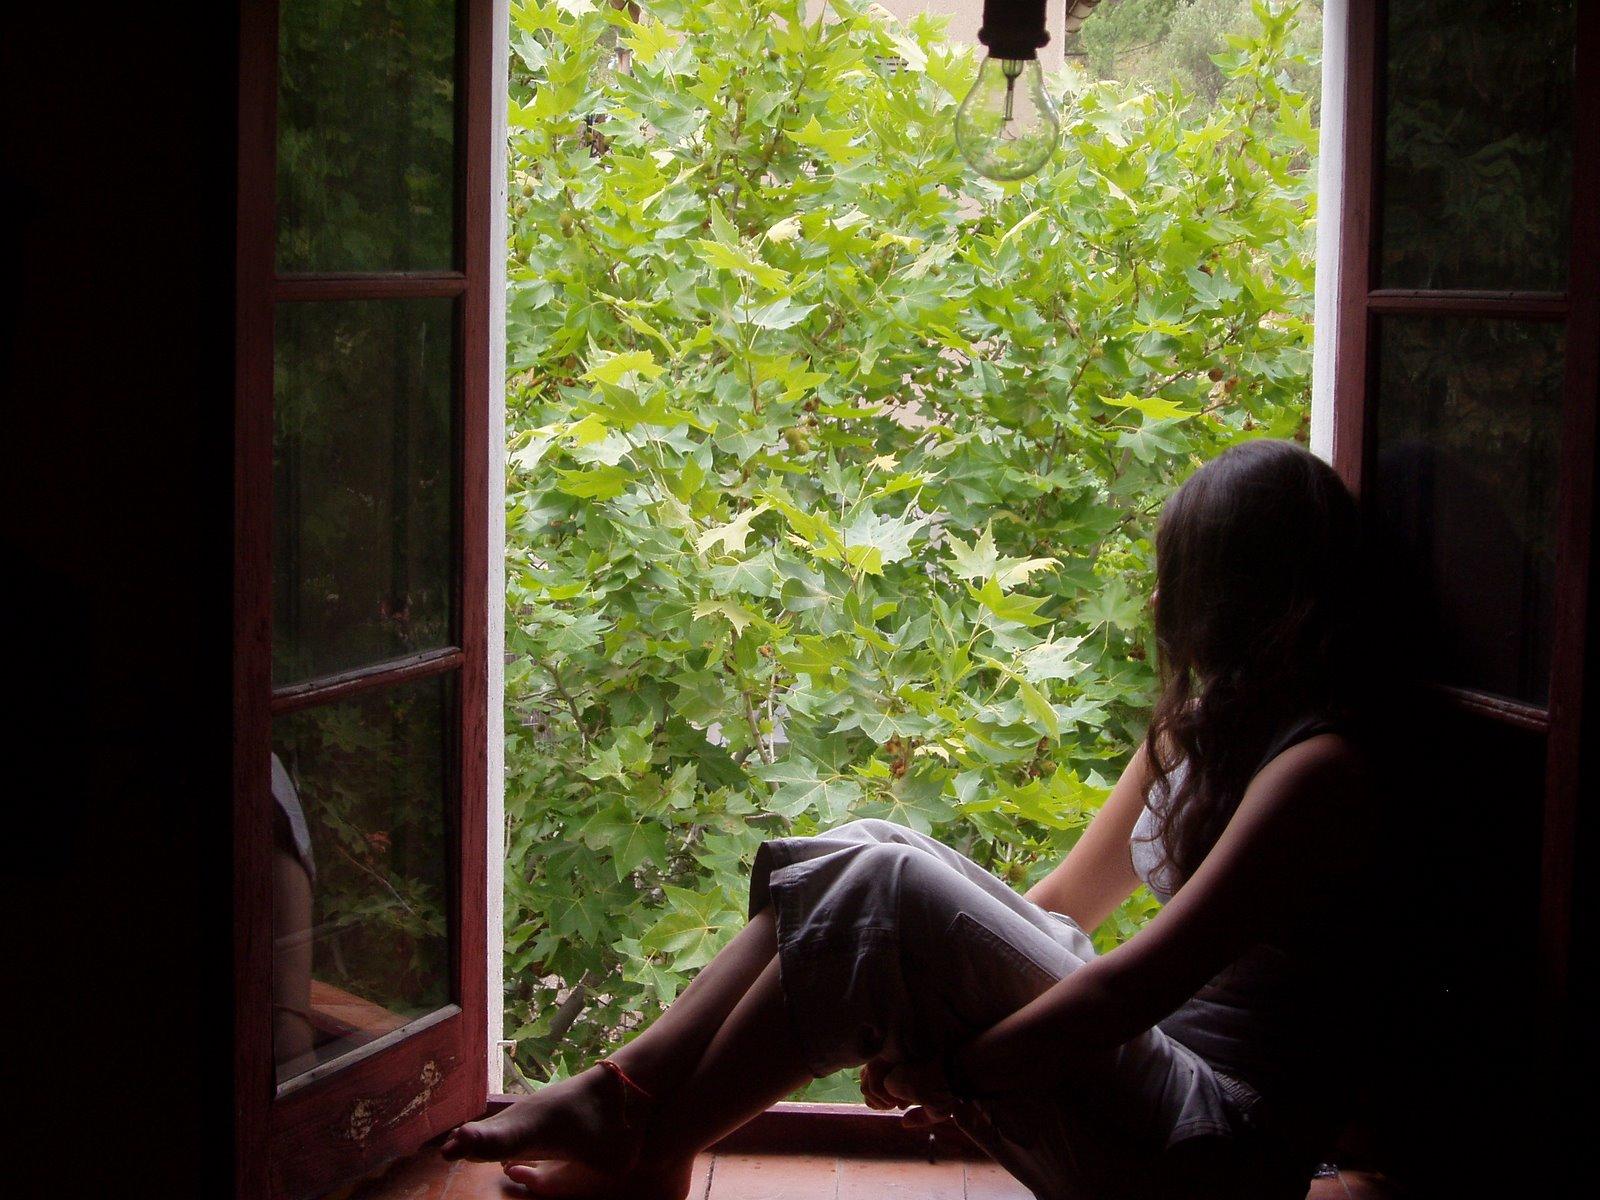 [finestra+cabell+llarg]